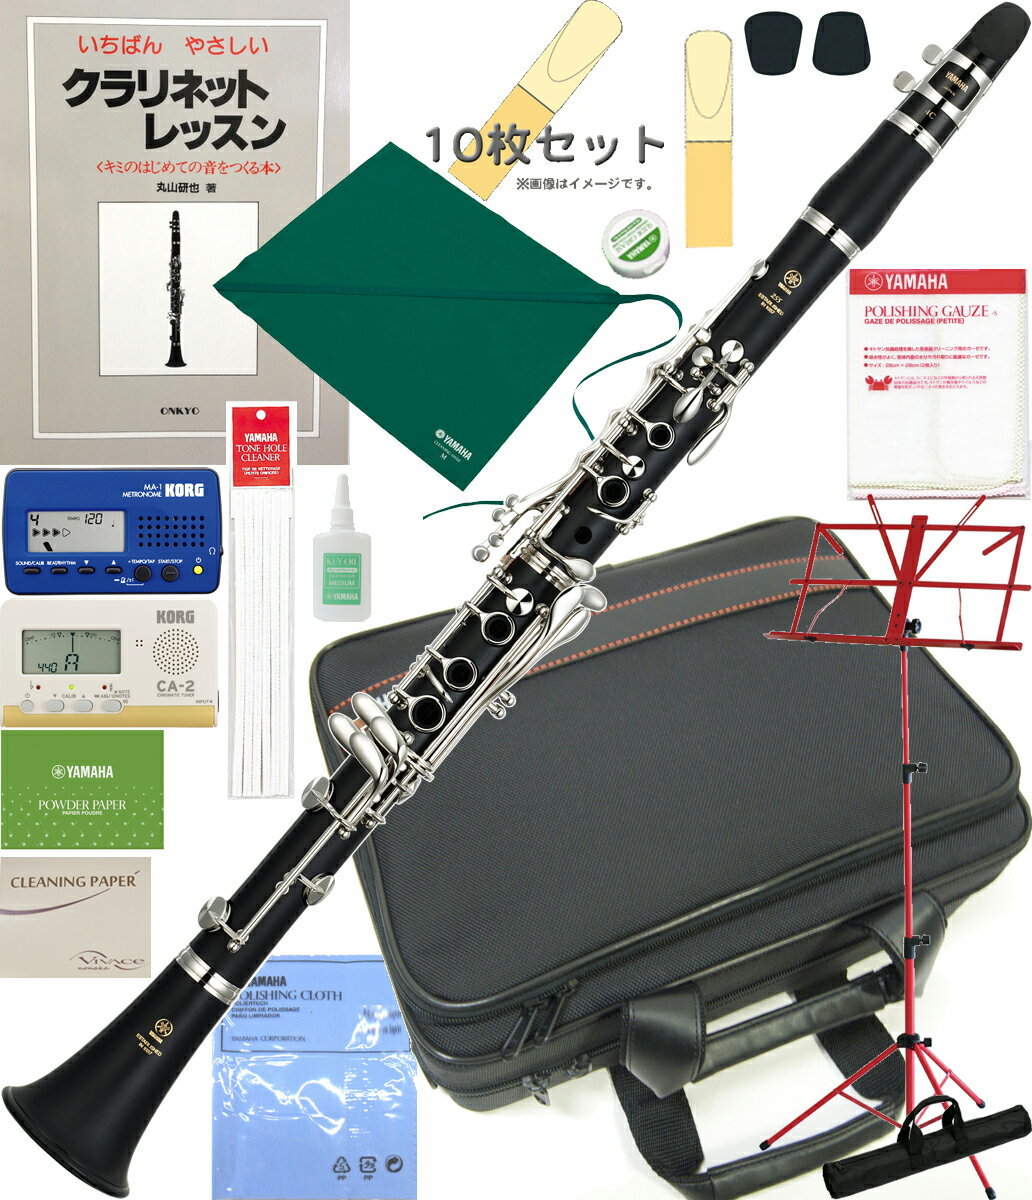 この価格在庫限りYAMAHA(ヤマハ)YCL-255クラリネットABS樹脂新品B♭管本体初心者管楽器